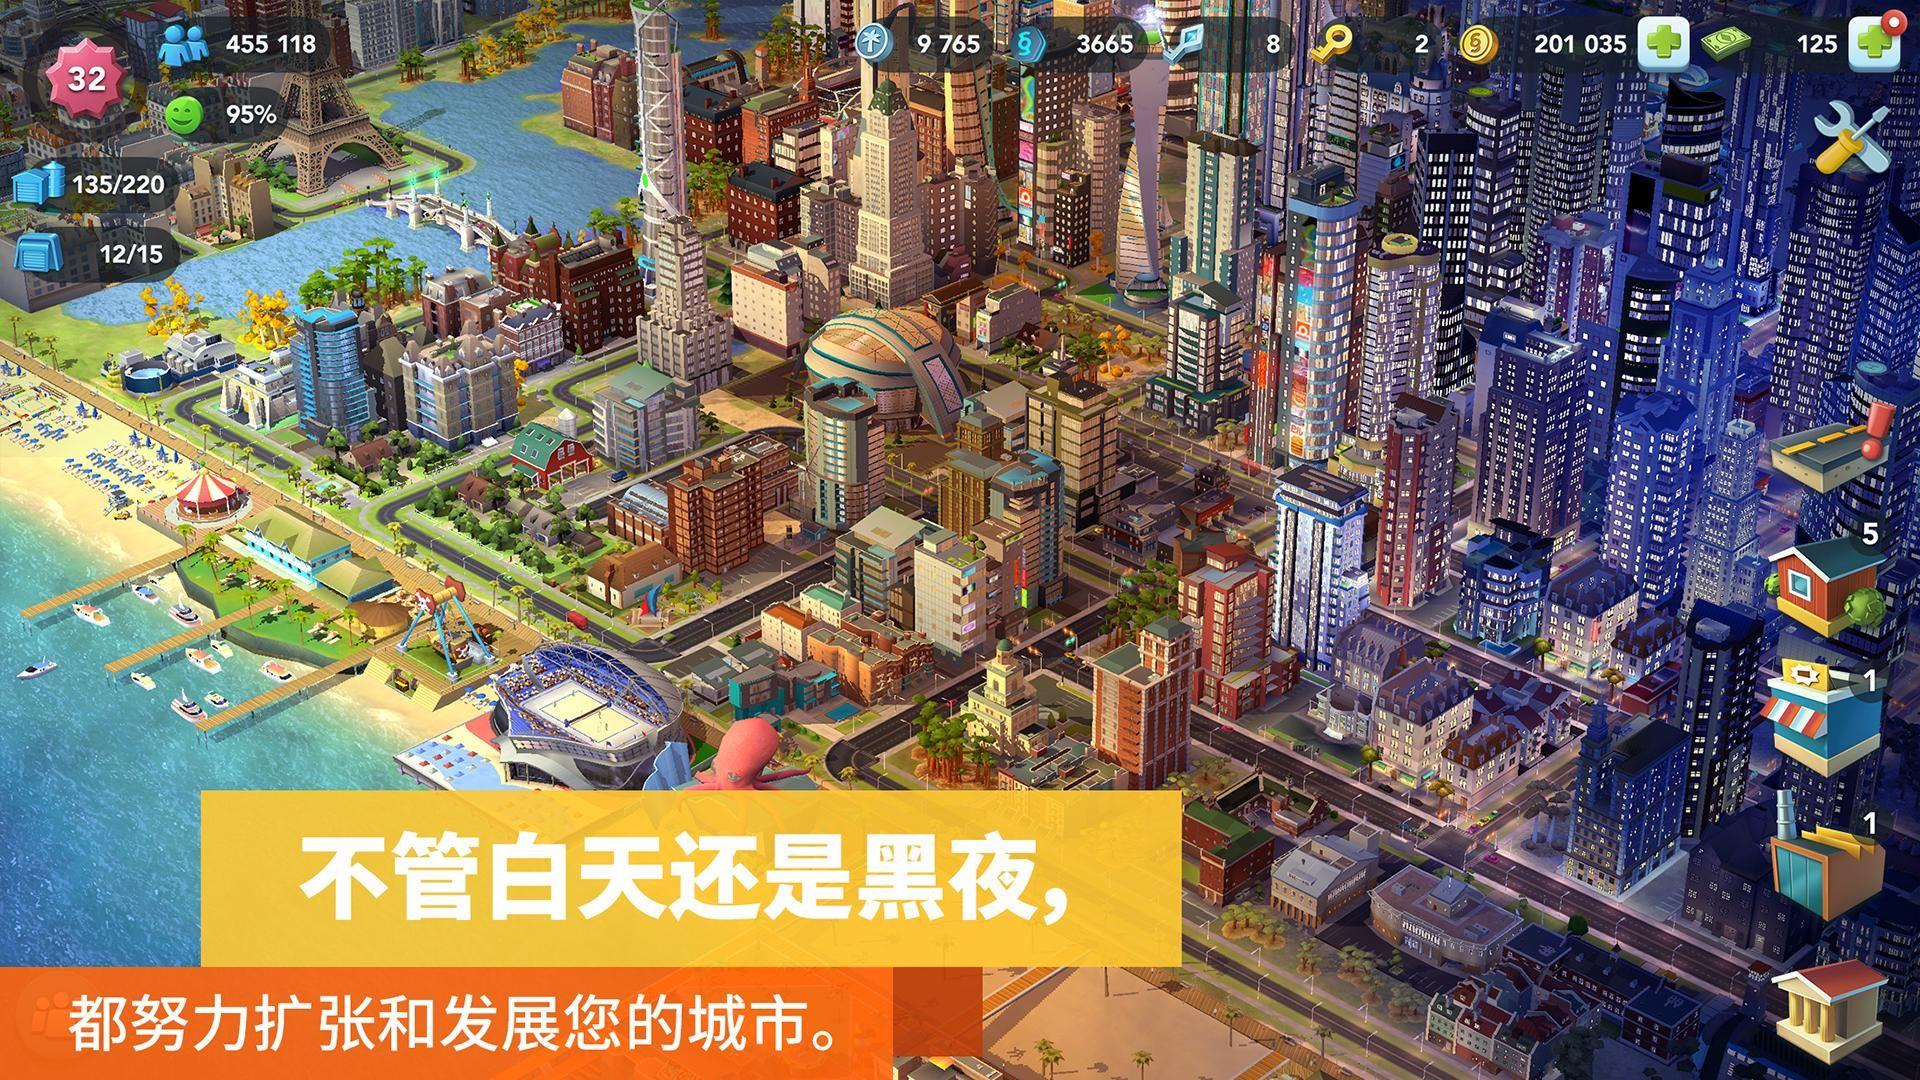 模拟城市5左上角的字-模拟城市5十字路口的放法心得